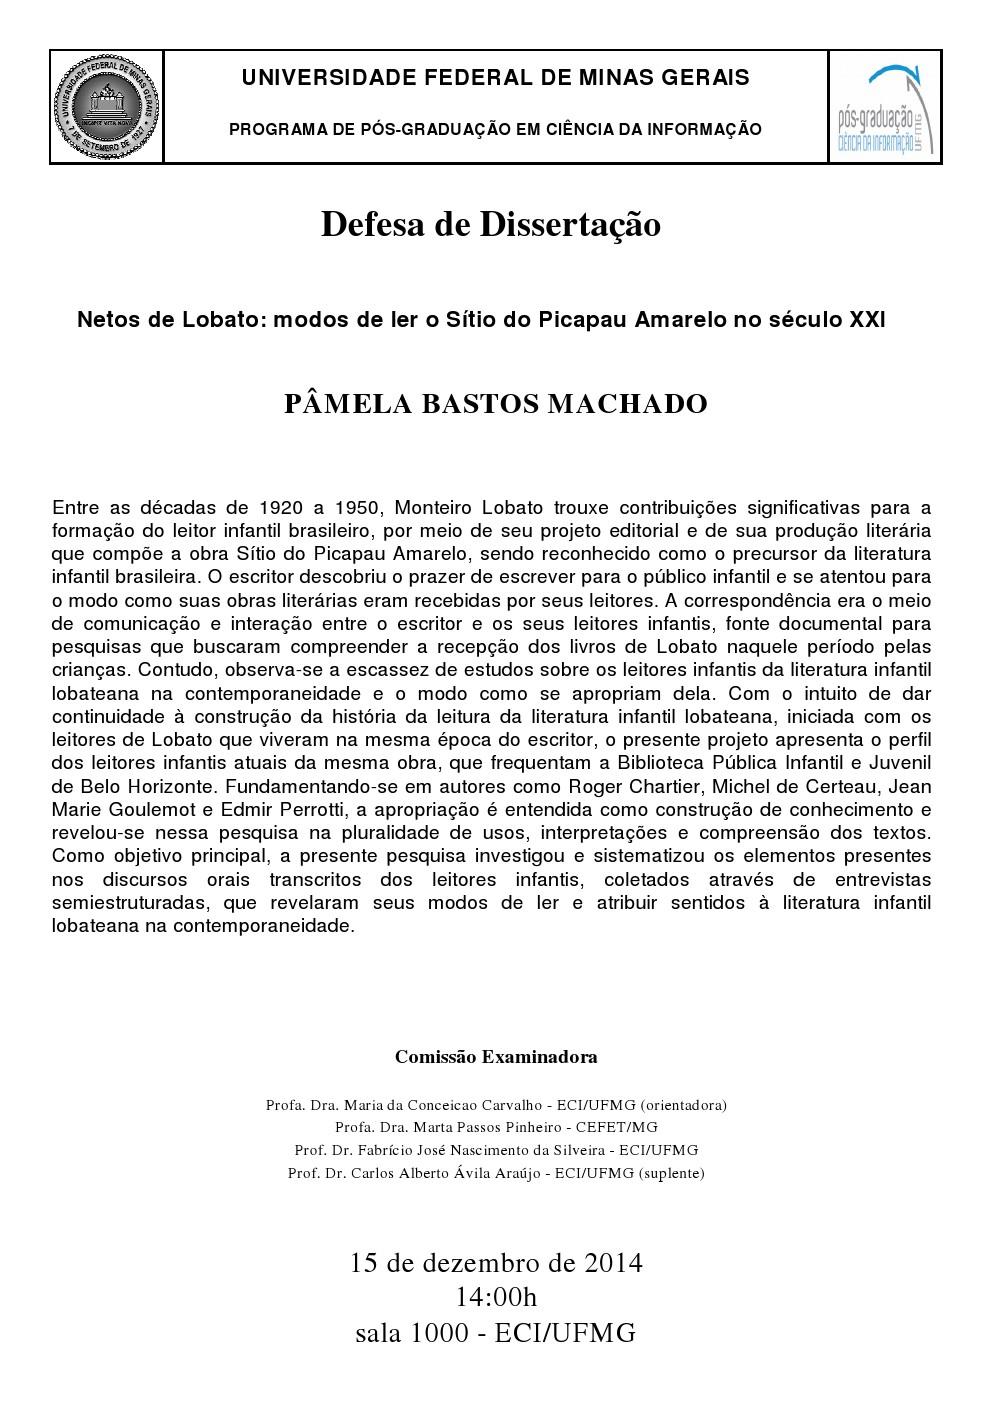 Defesa de Dissertação Pâmela Bastos Machado